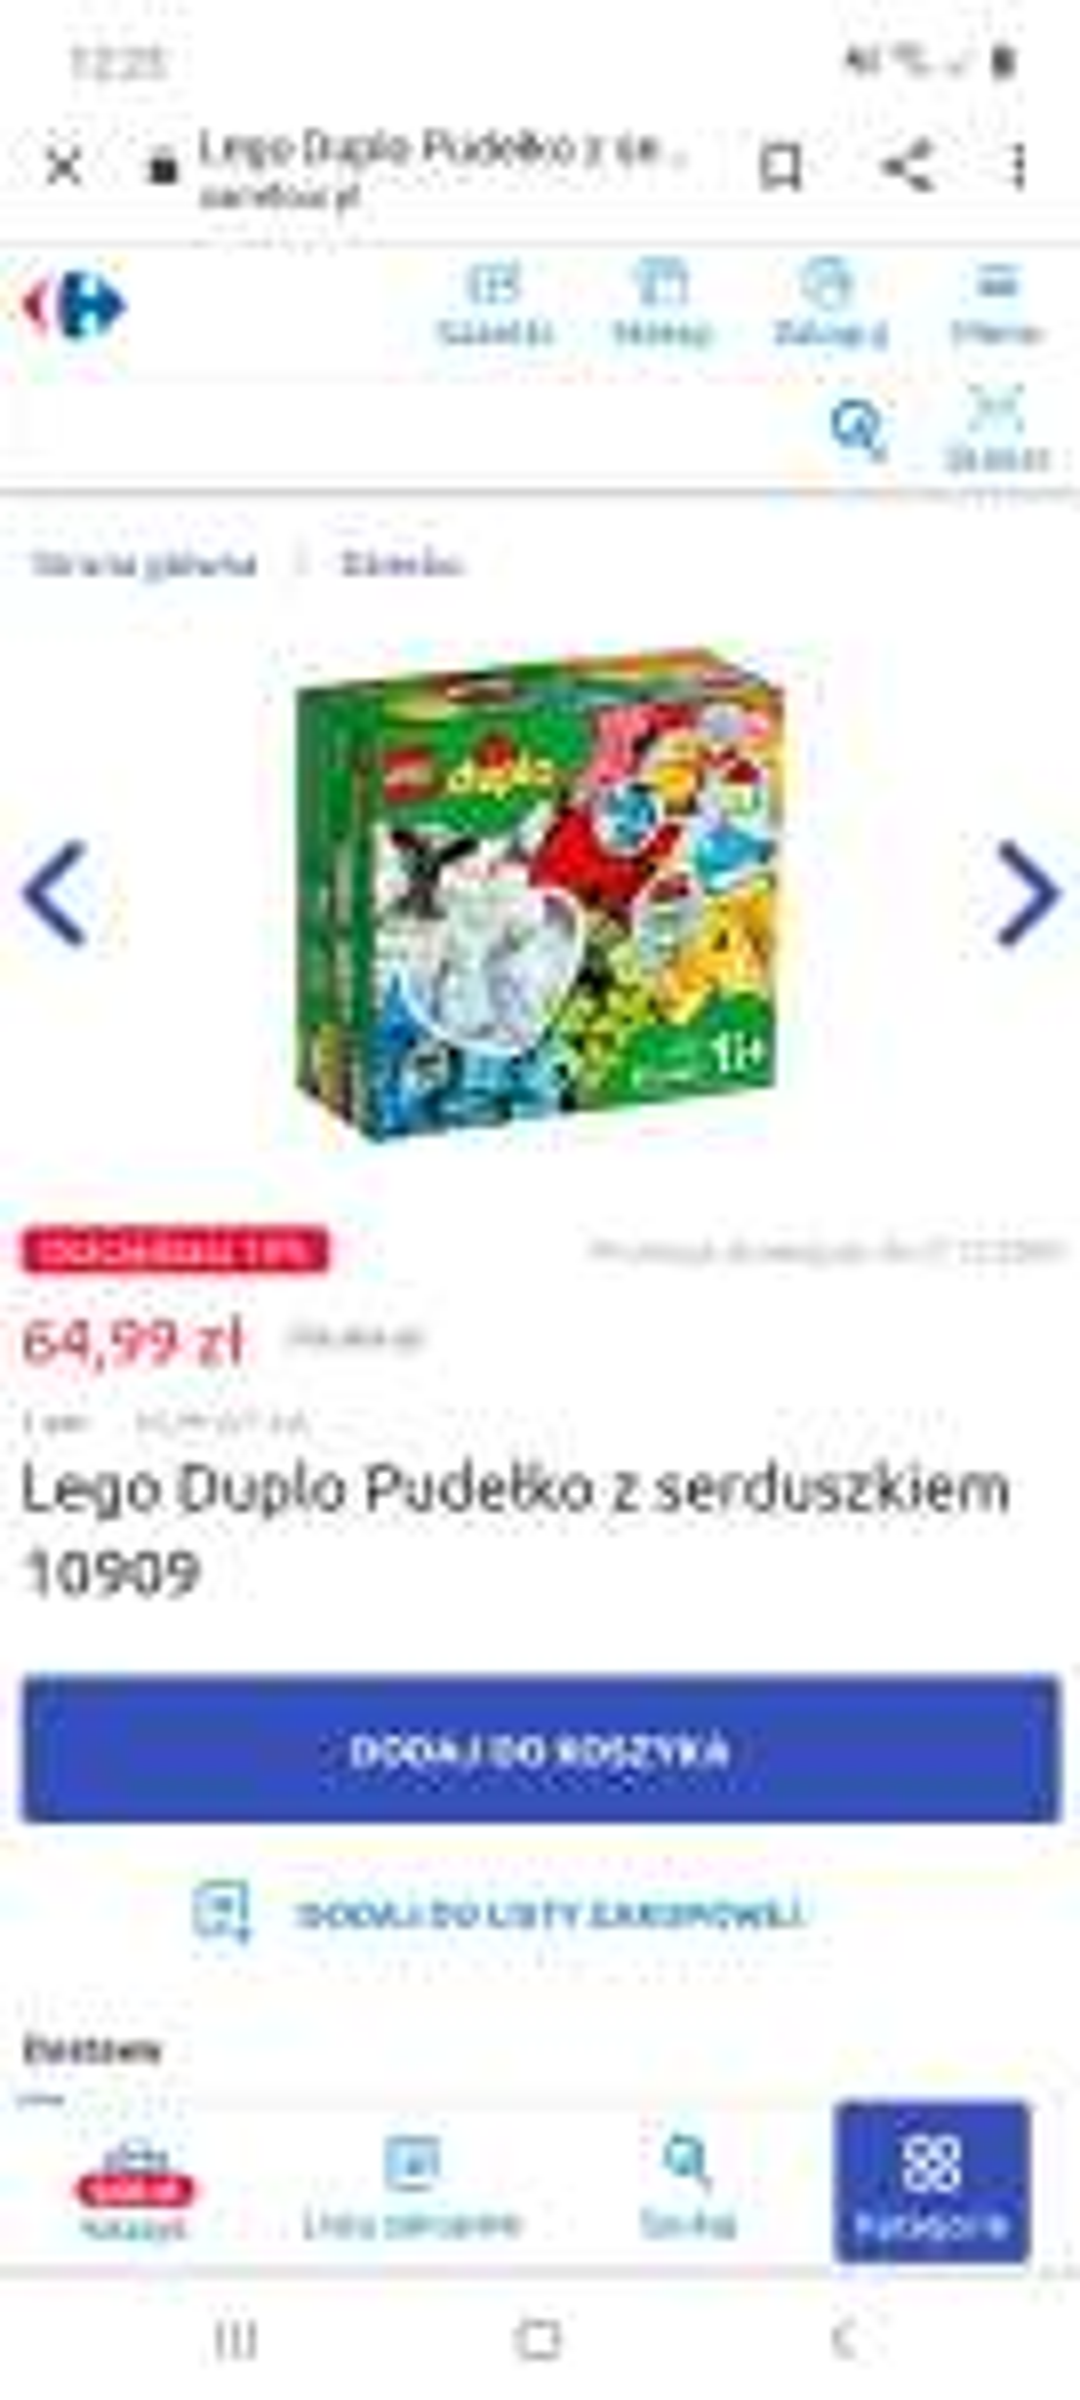 Lego duplo pudełko z serduszkiem 10909 Carrefour